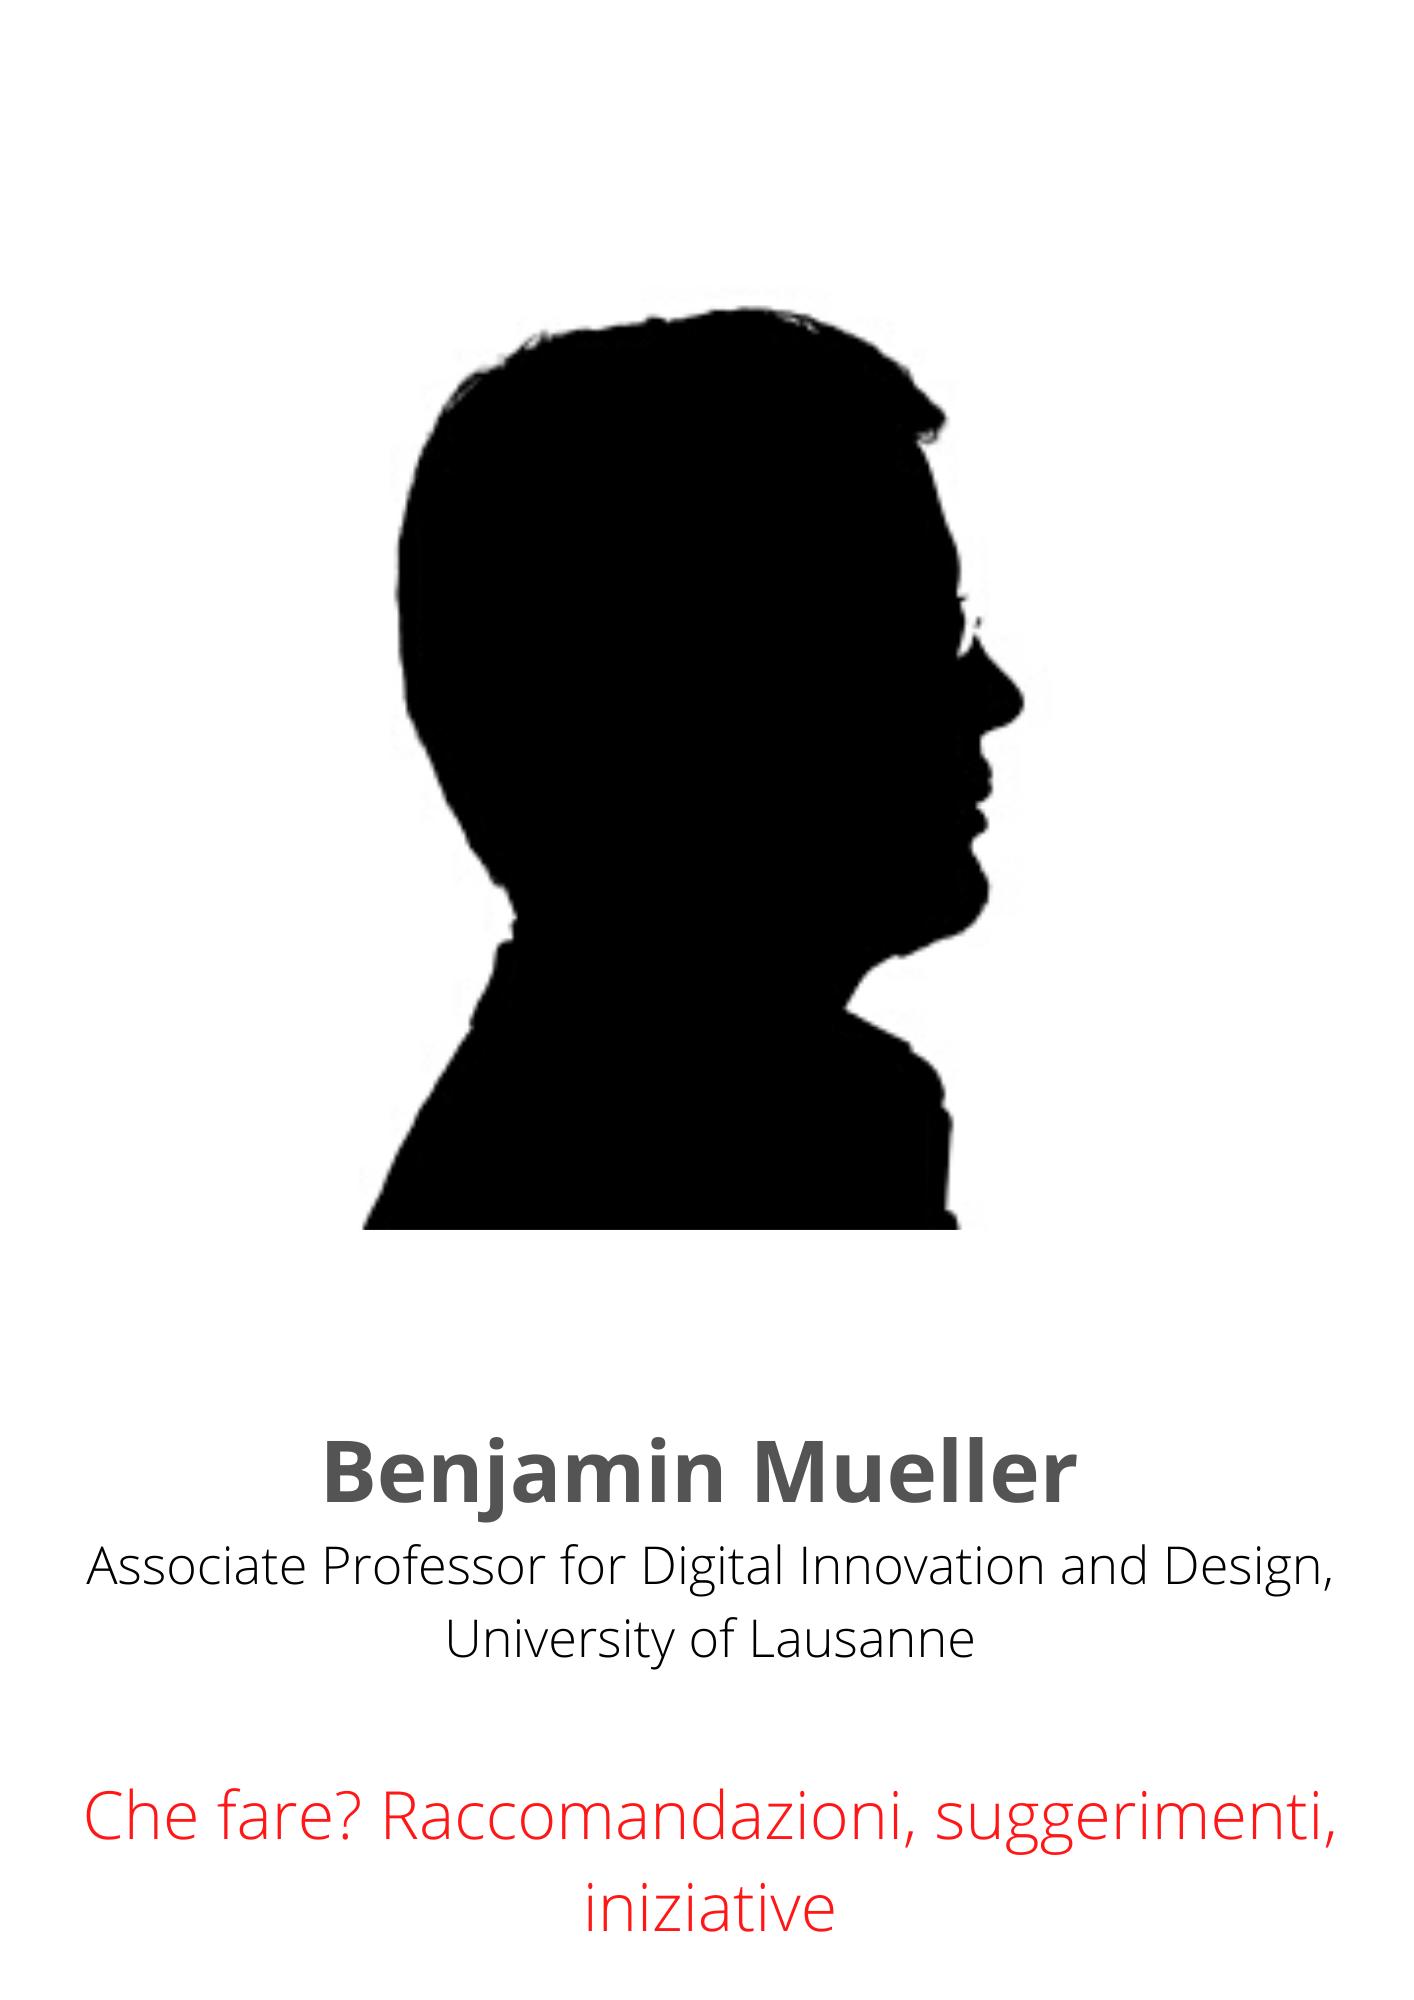 Benjamin Mueller